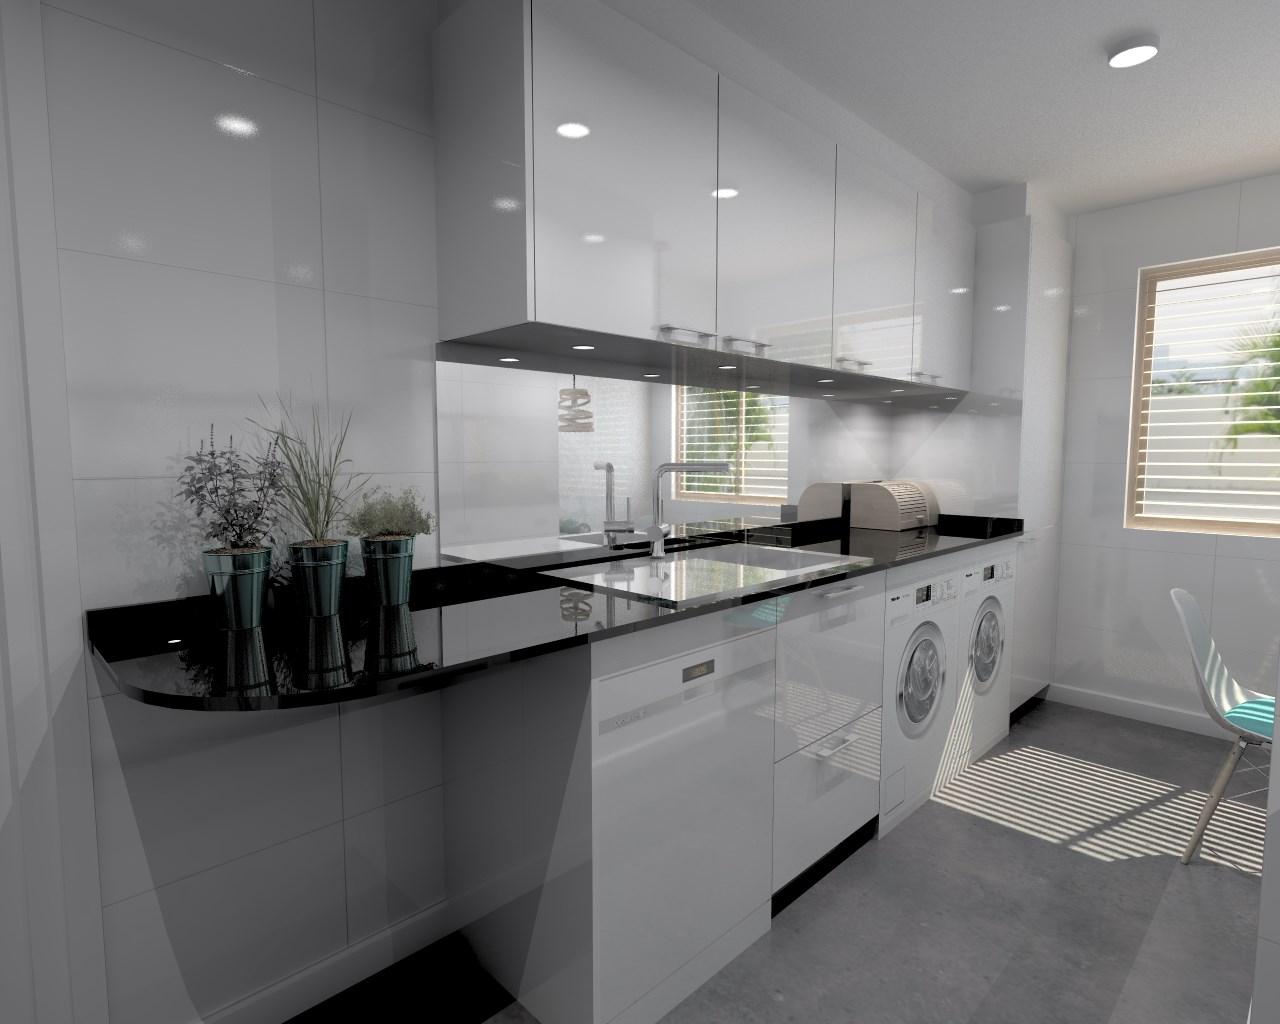 Aravaca cocina santos modelo plano laminado blanco for Colores de granito para encimeras